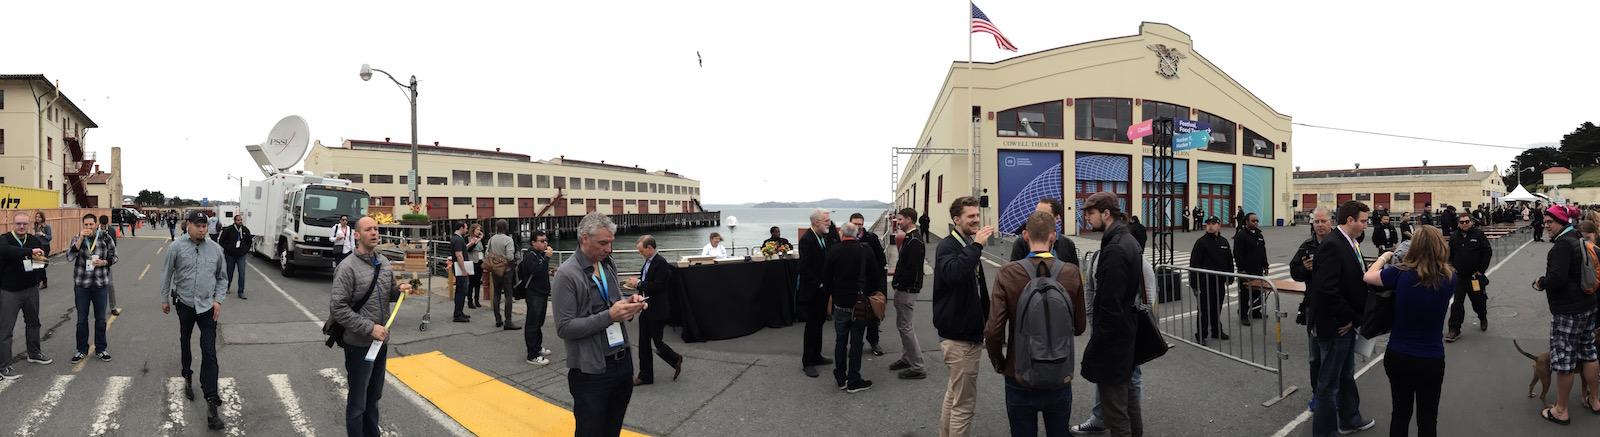 Vývojářská konference F8 proběhla letos v dubnu v kalifornském San Francisku